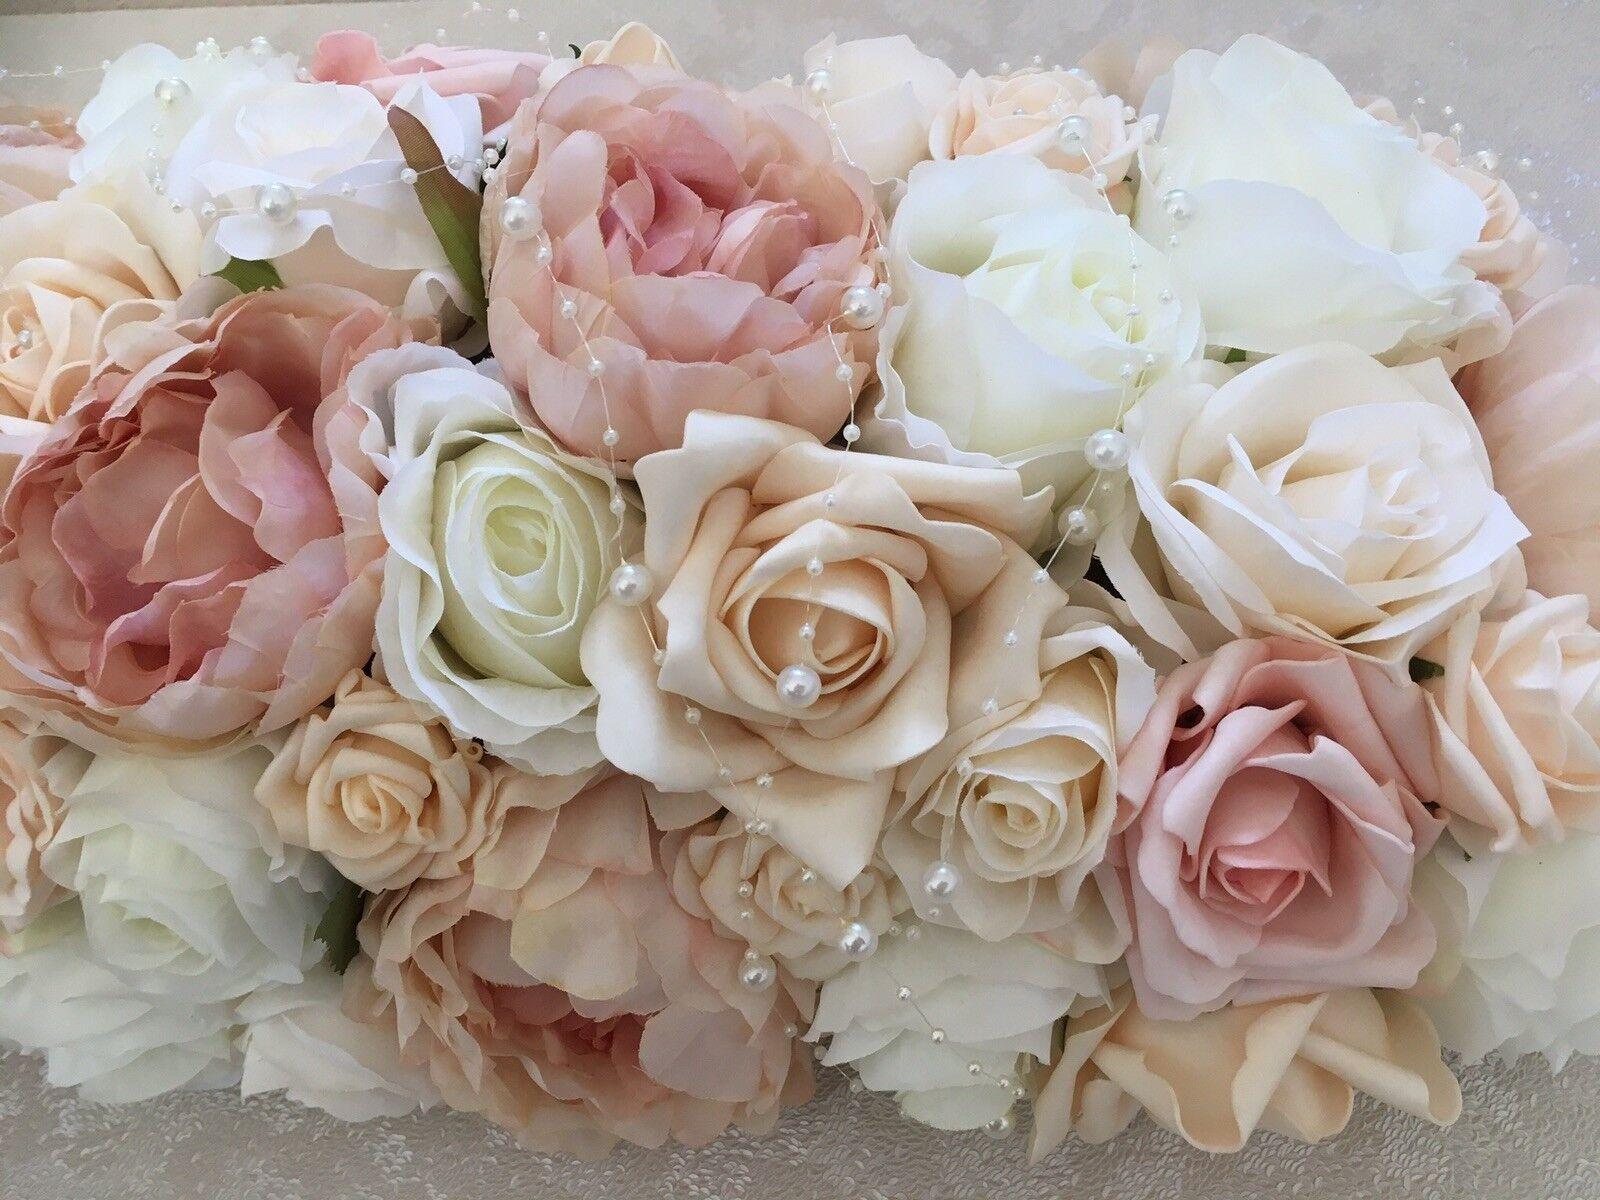 bleush, ivoire et Champagne Mariage Table arrangement de fleurs Roses pivoines